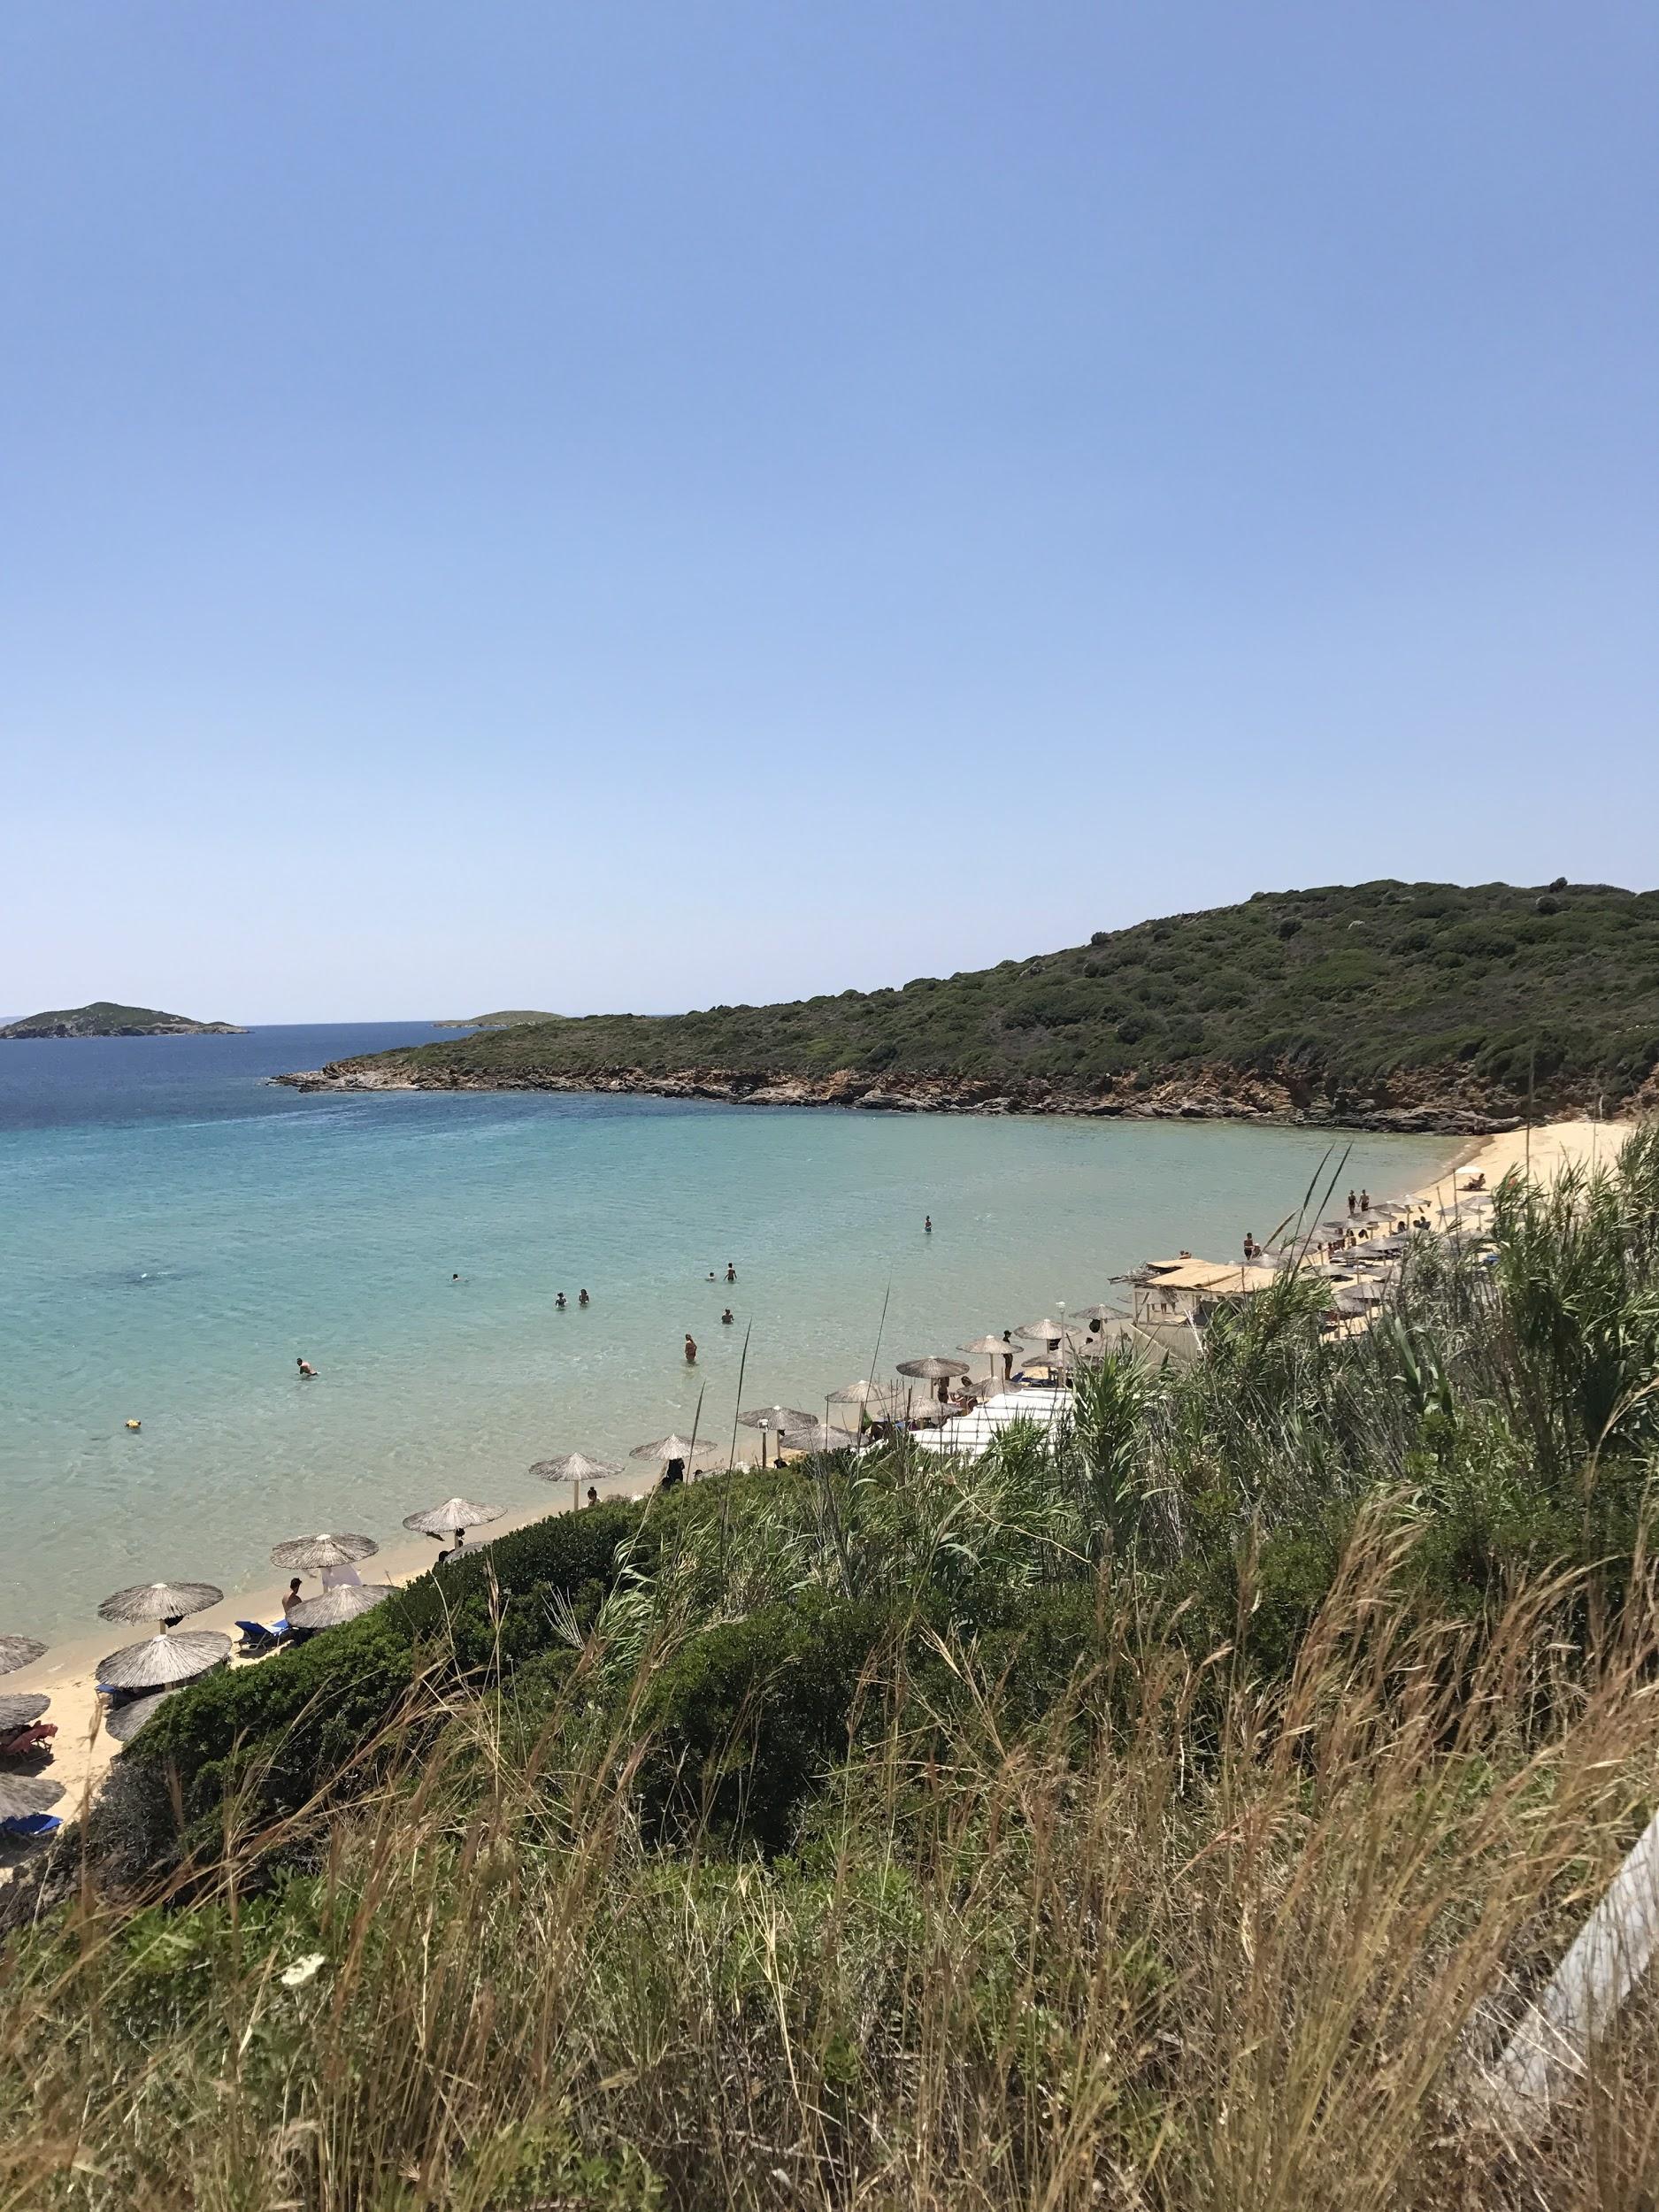 Αν θες όμορφα beach bar, χρυσή αμμουδιά και ωραίο chill κόσμο πας στον Άγιο Πέτρο ή τη Χρυσή Άμμο, παραλίες κολλημένες η μία δίπλα στην άλλη ουσιαστικά!